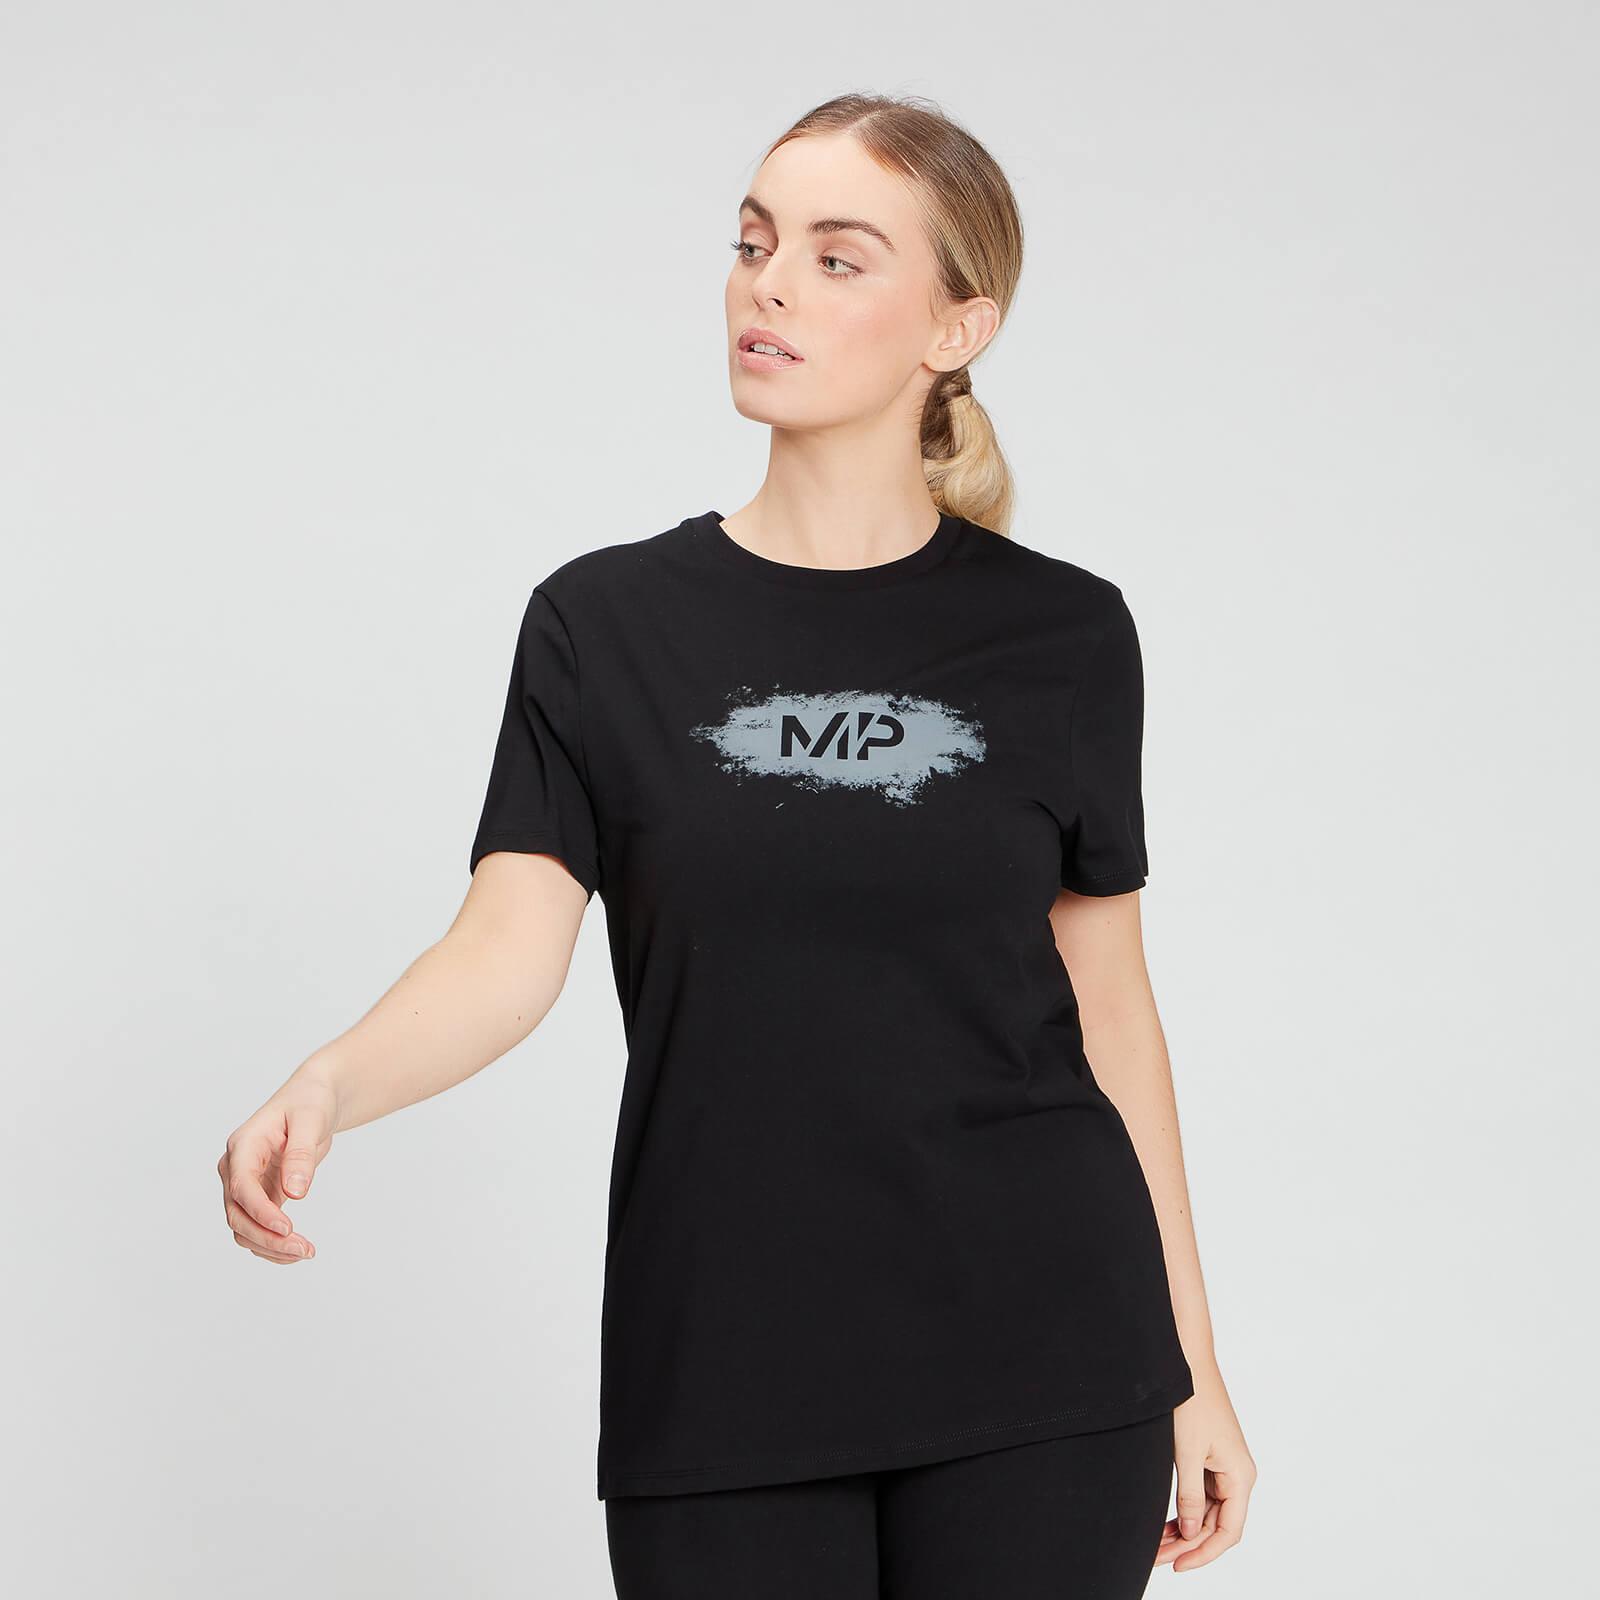 MP Women's Chalk Graphic T-Shirt - Black - XXS, Myprotein International  - купить со скидкой